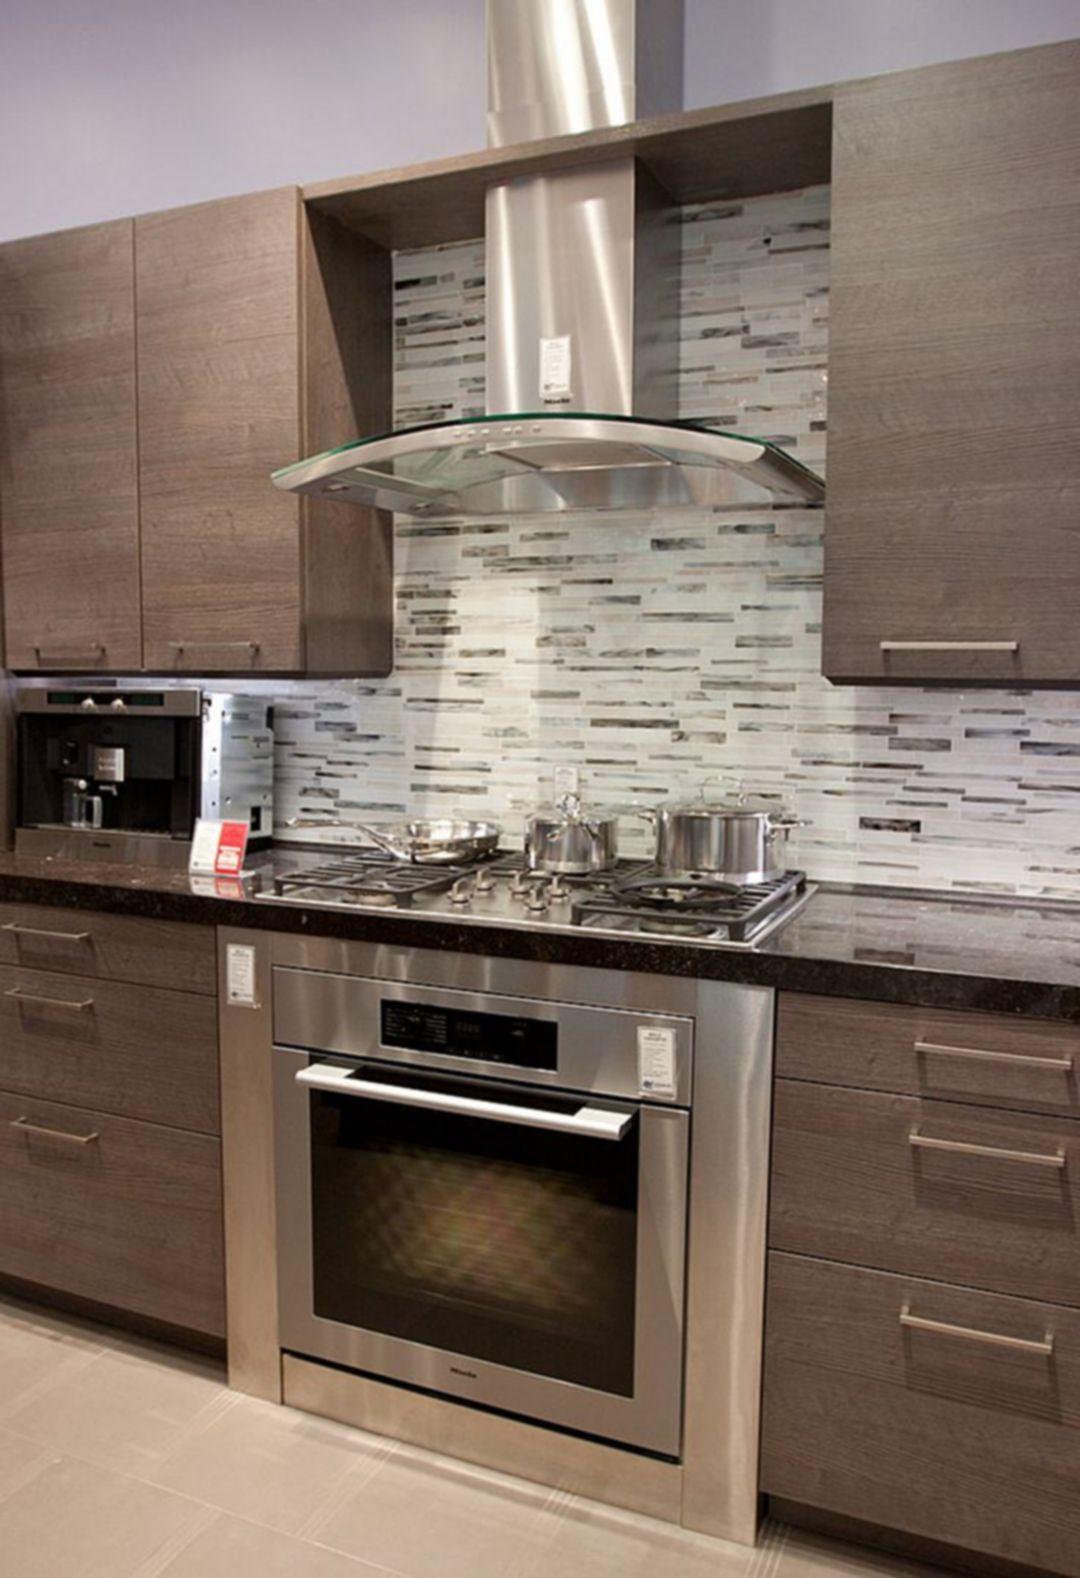 Brilliant Top 10 Chimney Kitchen Design Ideas Https Hroomy Com Kitchen T Modern Kitchen Cabinet Design Contemporary Kitchen Cabinets Modern Kitchen Cabinets